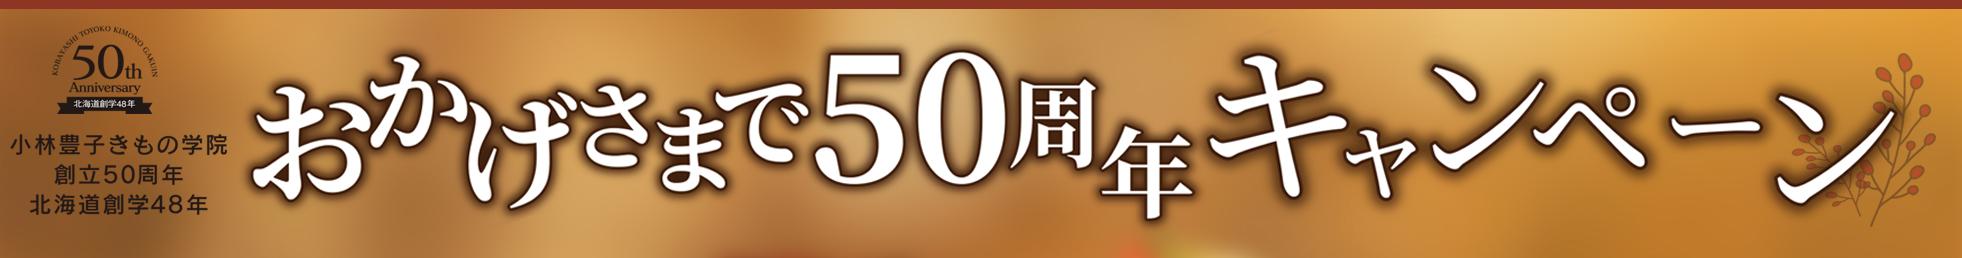 おかげさまで50周年キャンペーン